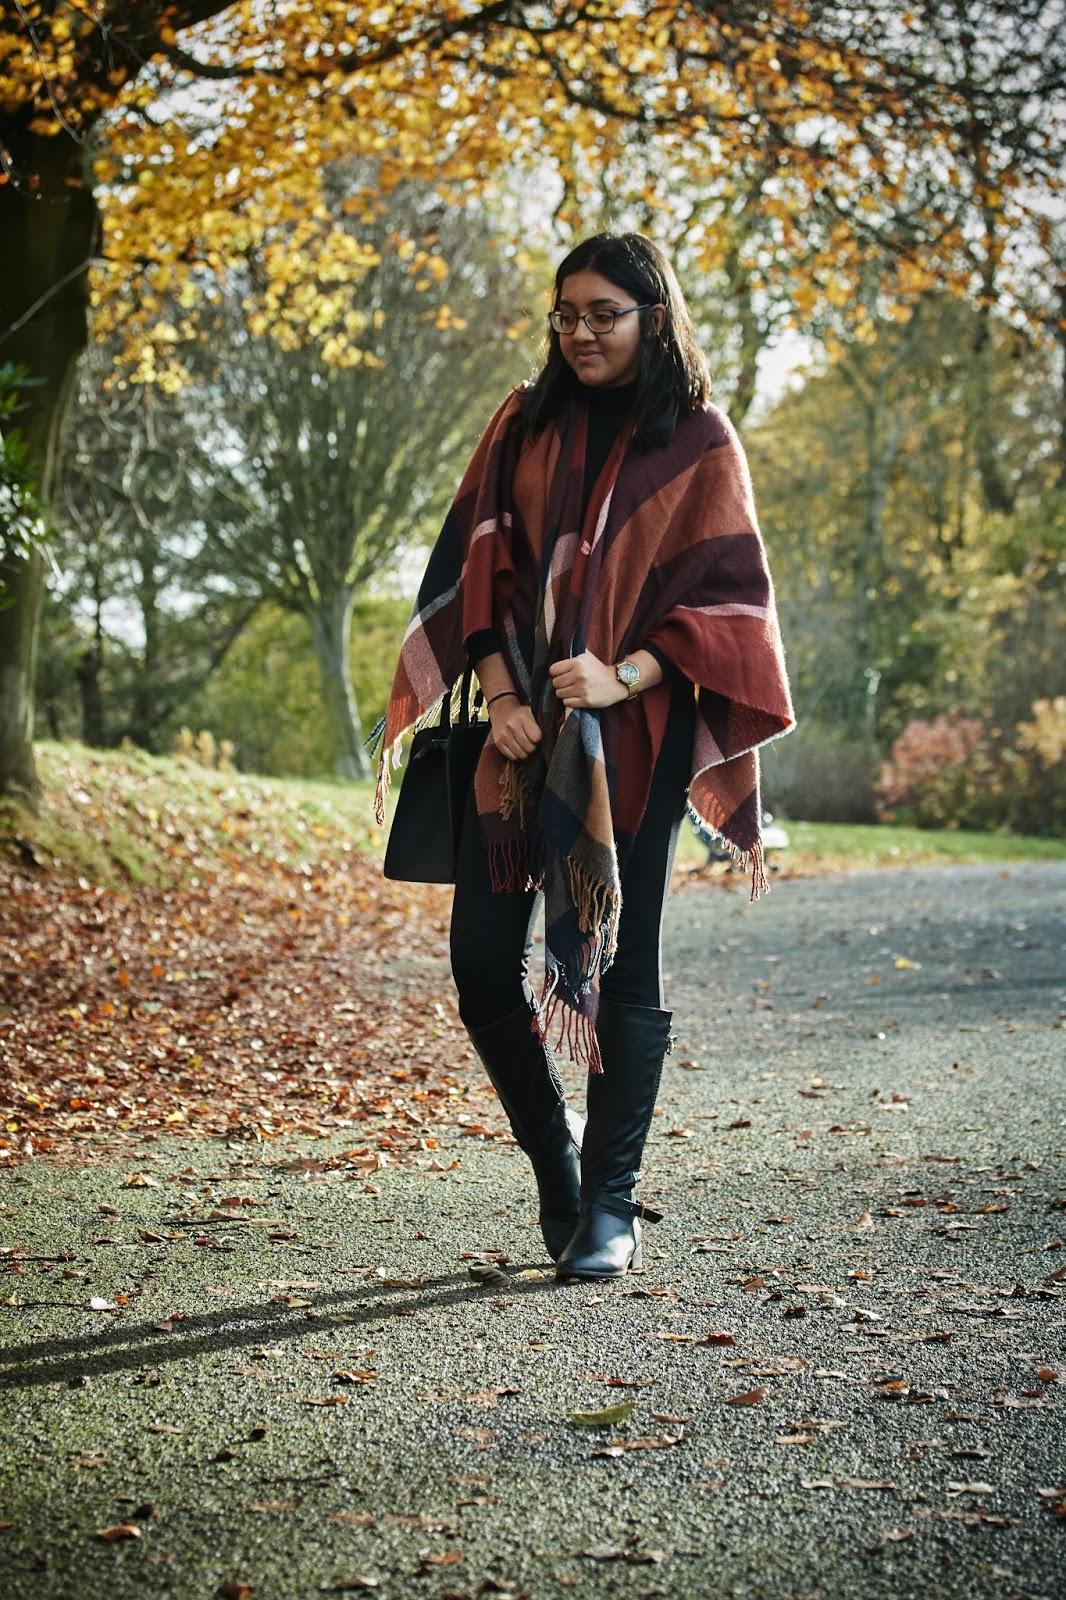 primark autumn haul